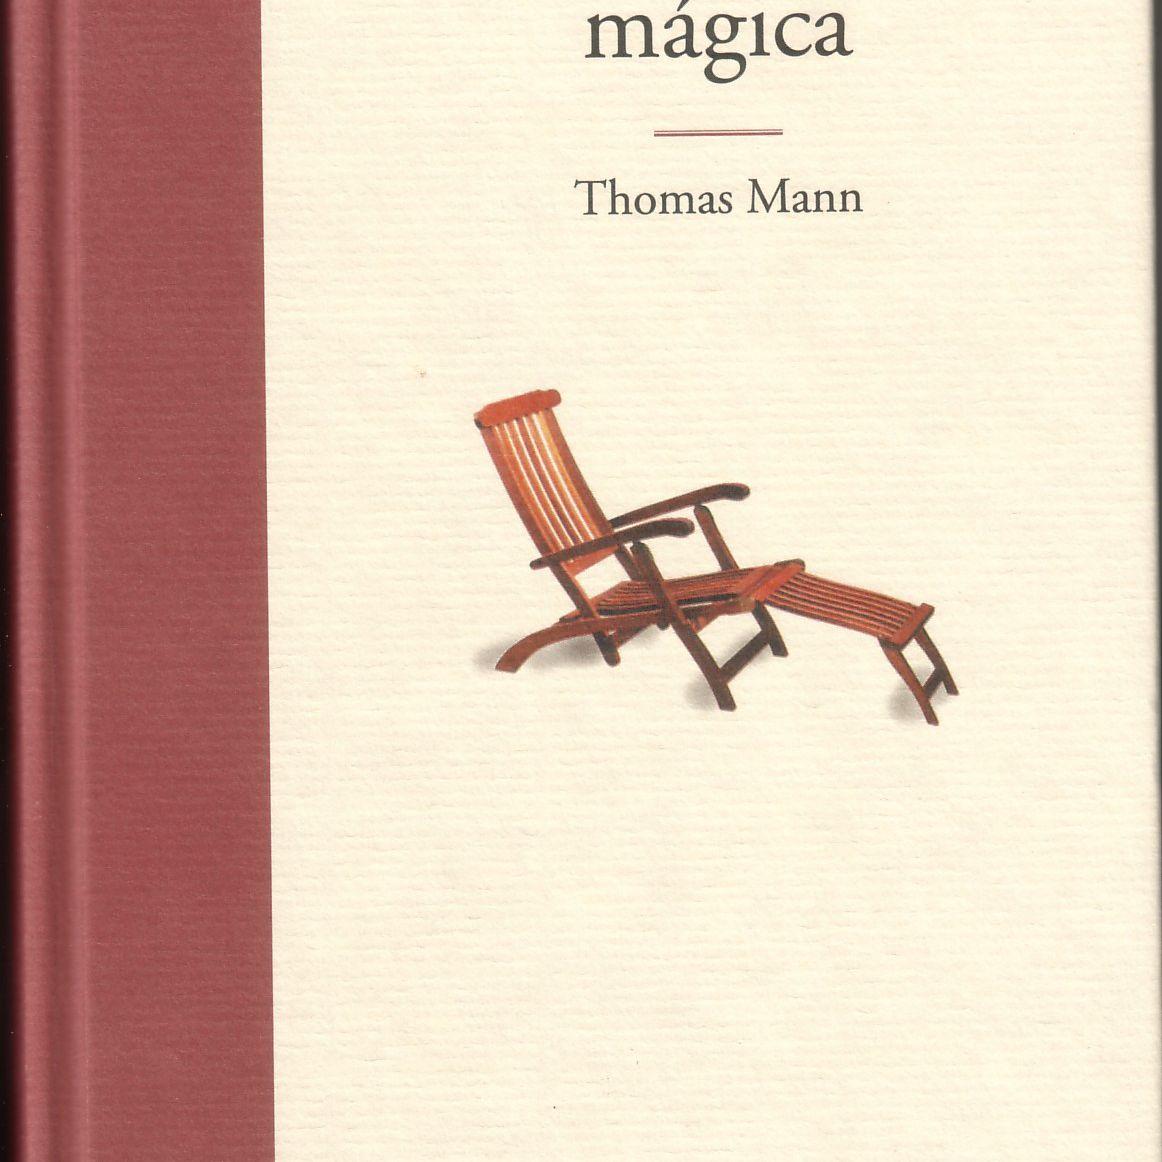 La montaña magica de Tomas Mann